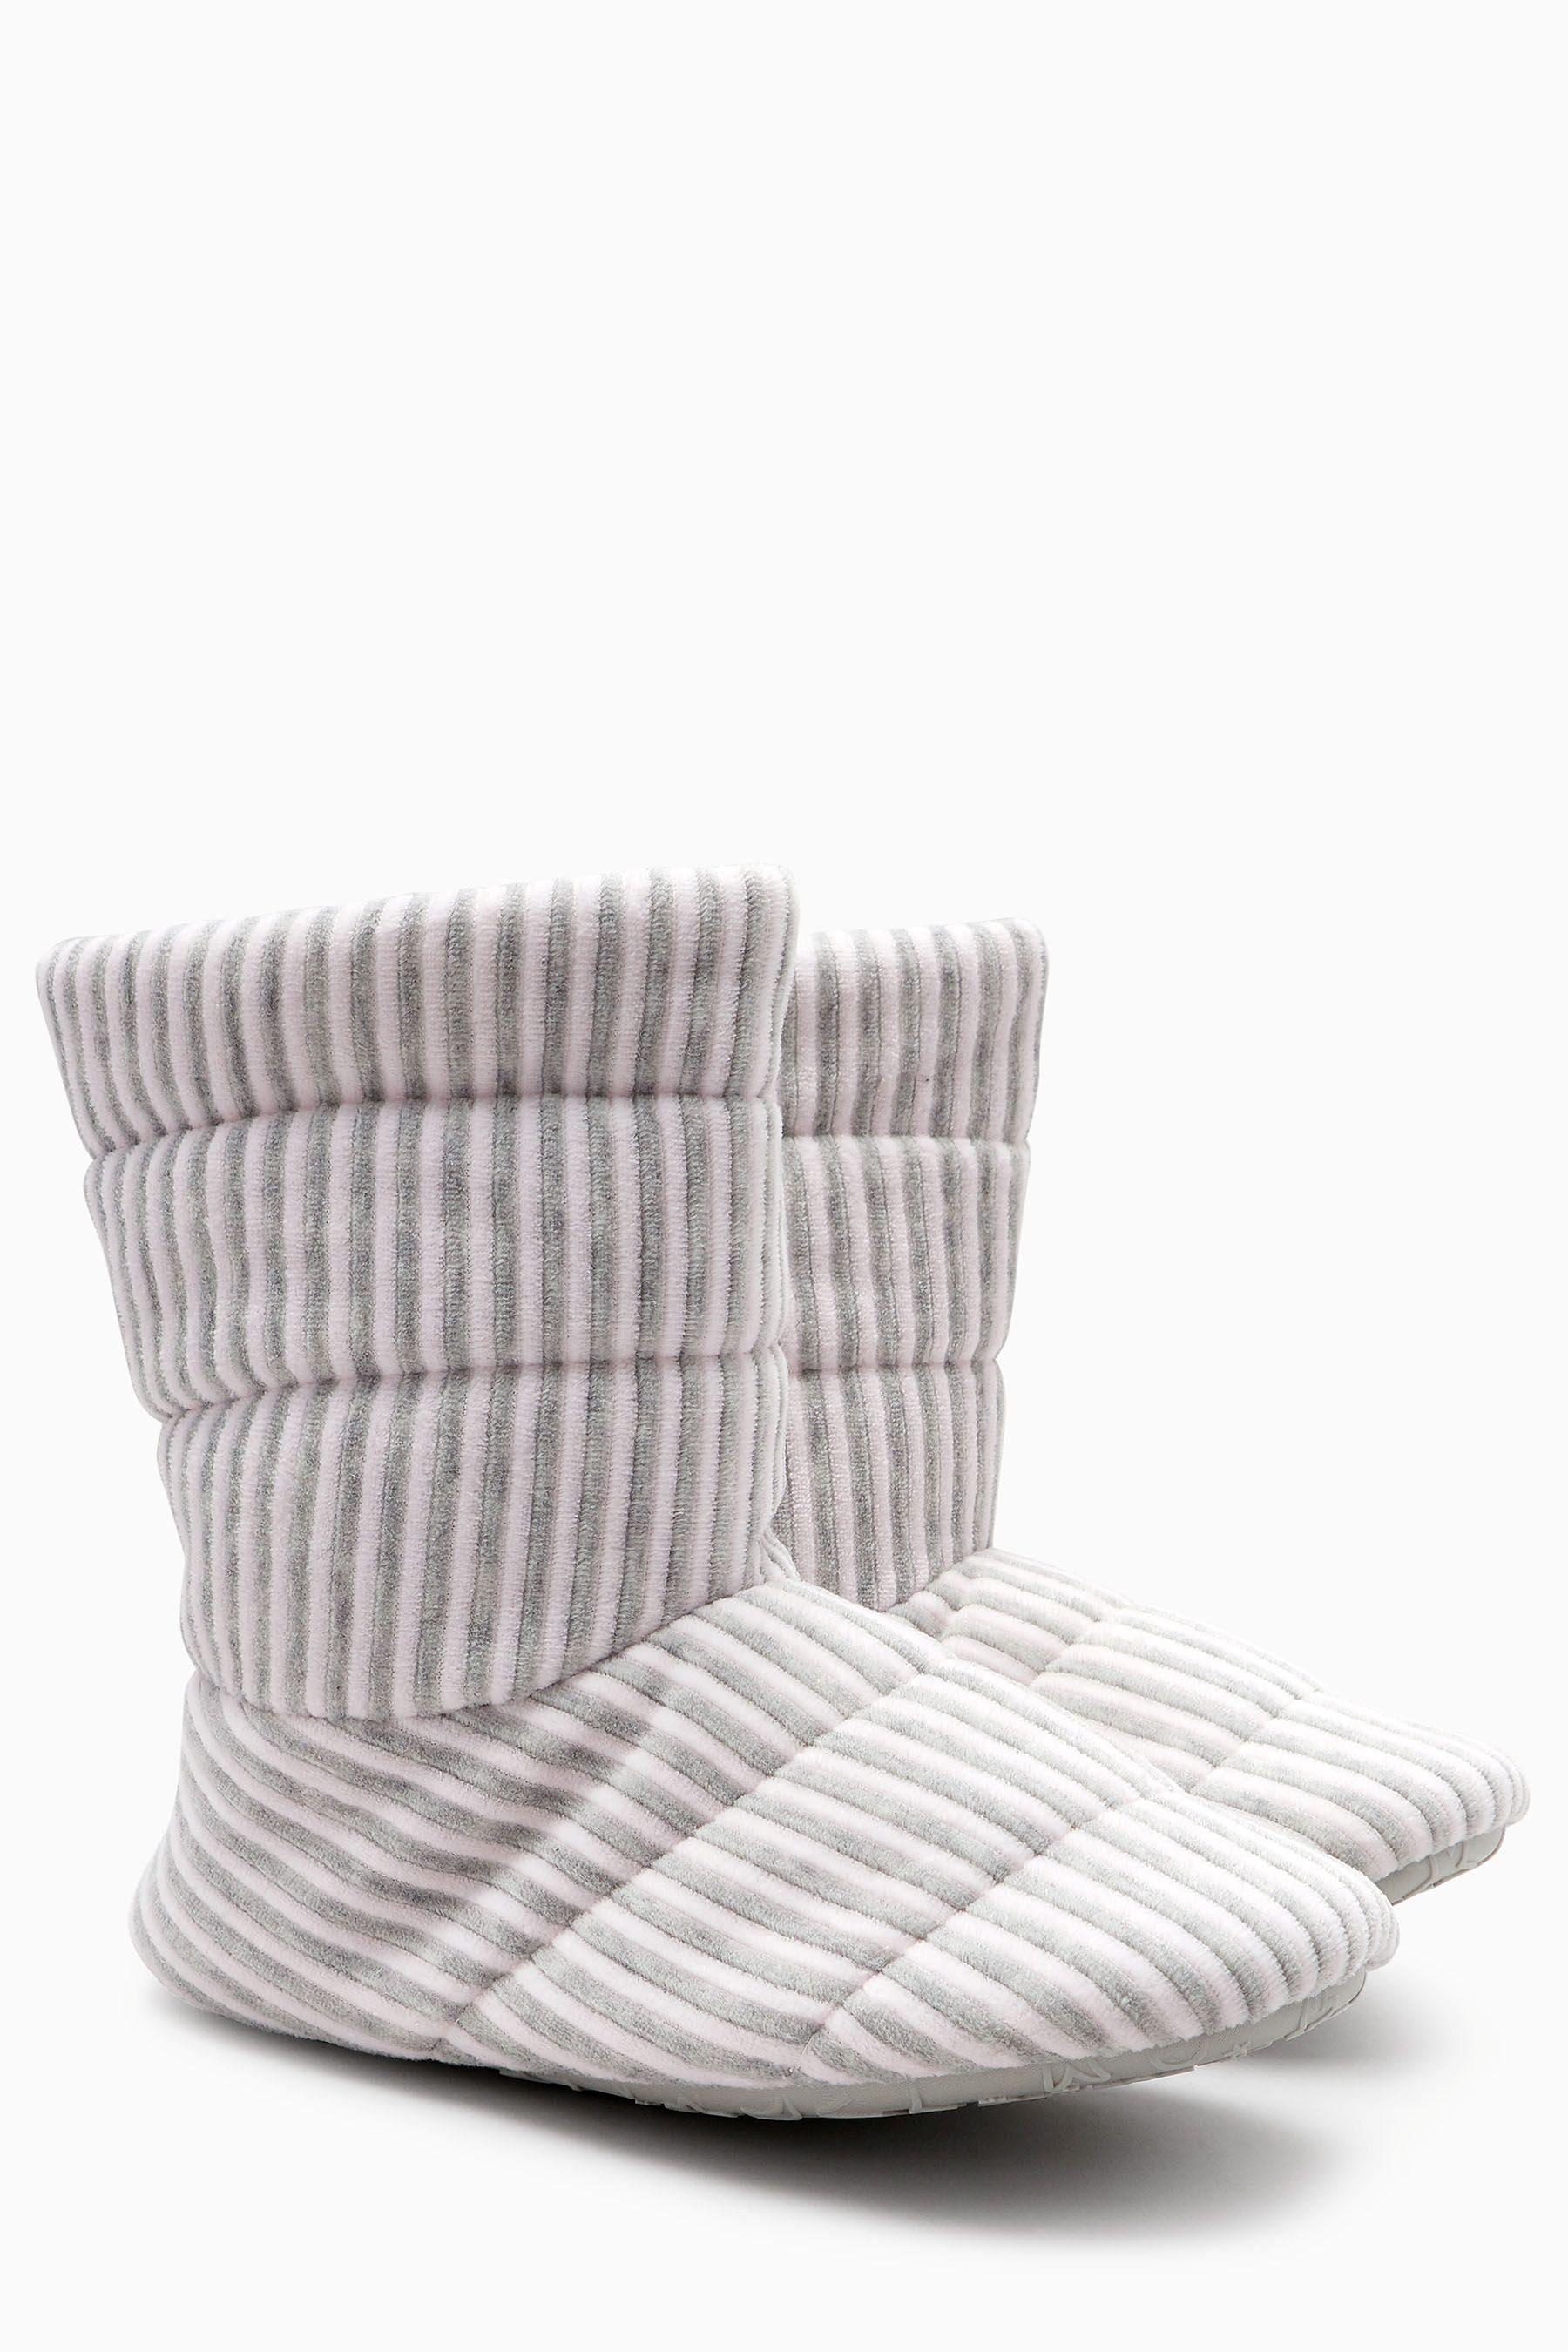 Next Slipper-Stiefel in Steppoptik online kaufen  Pink Stripe